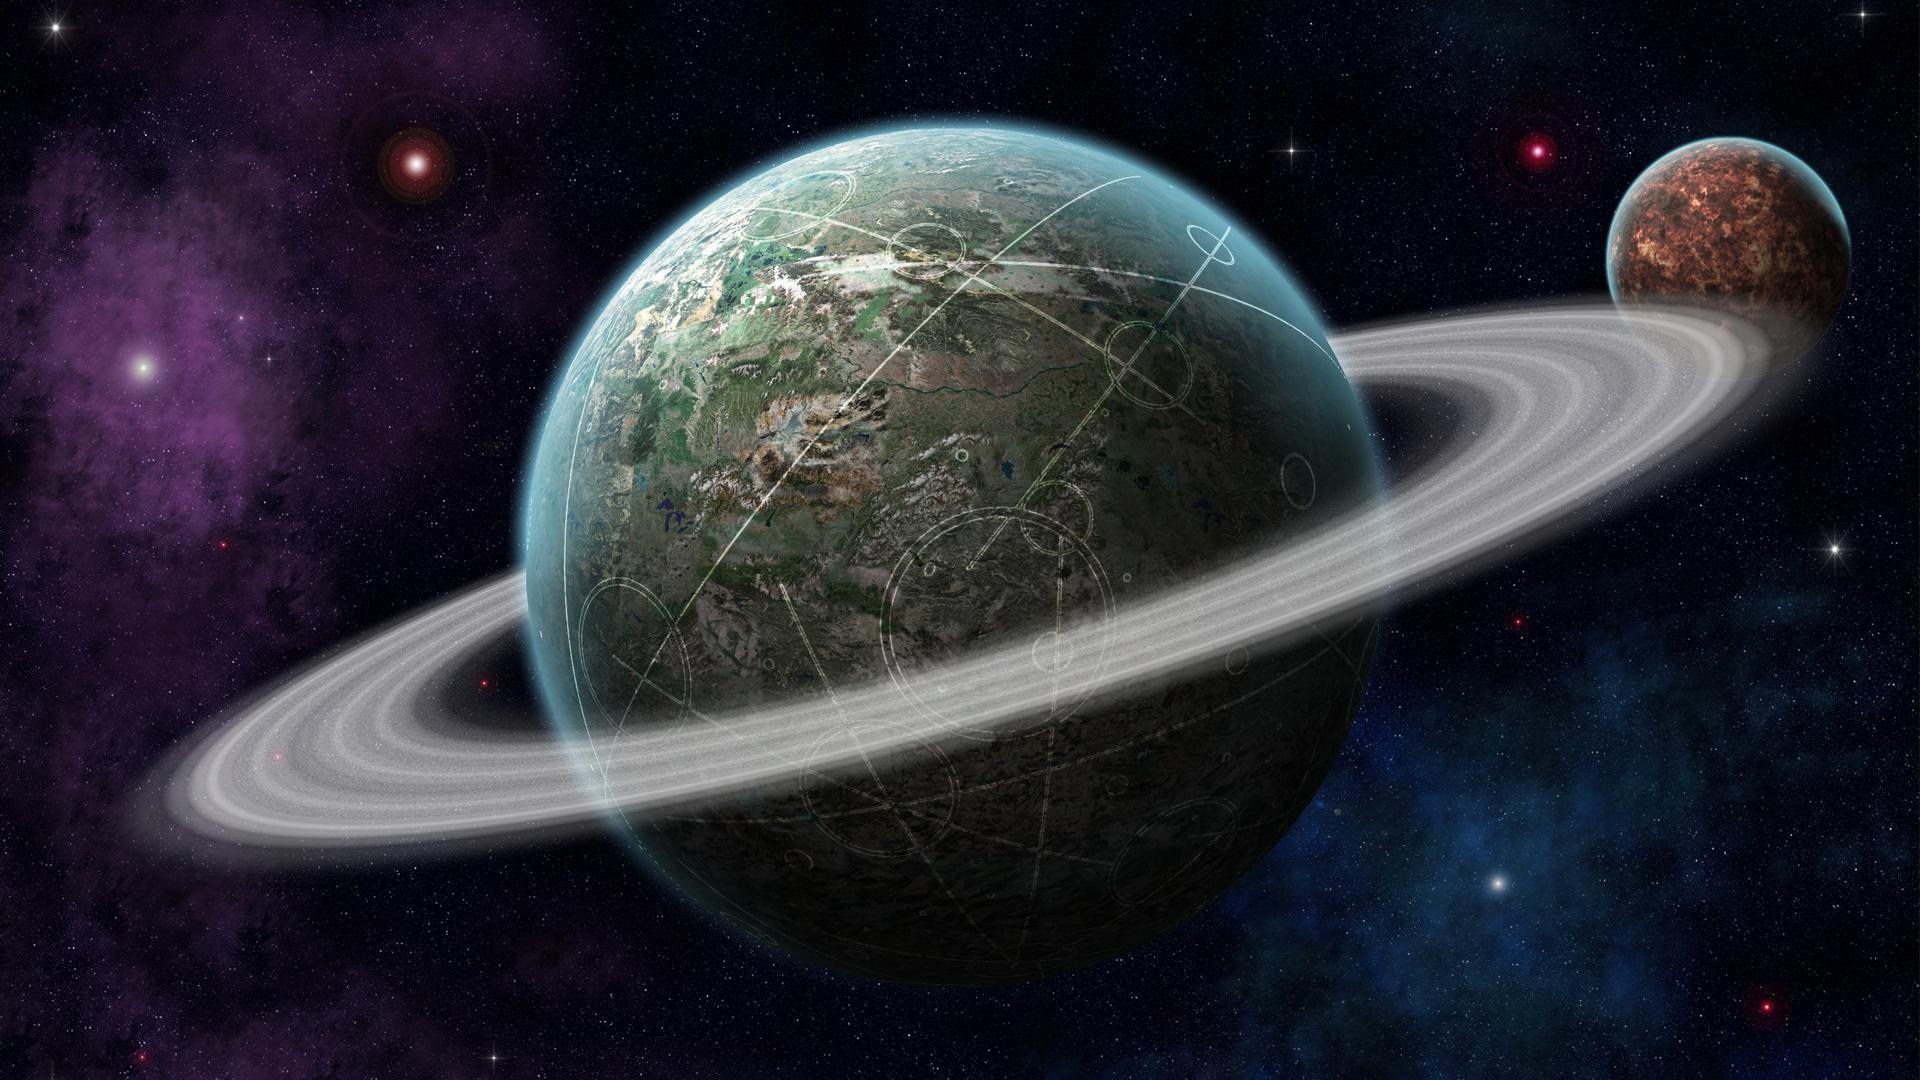 Обои планета космос орбита картинки на рабочий стол на тему Космос - скачать  № 1757061 бесплатно